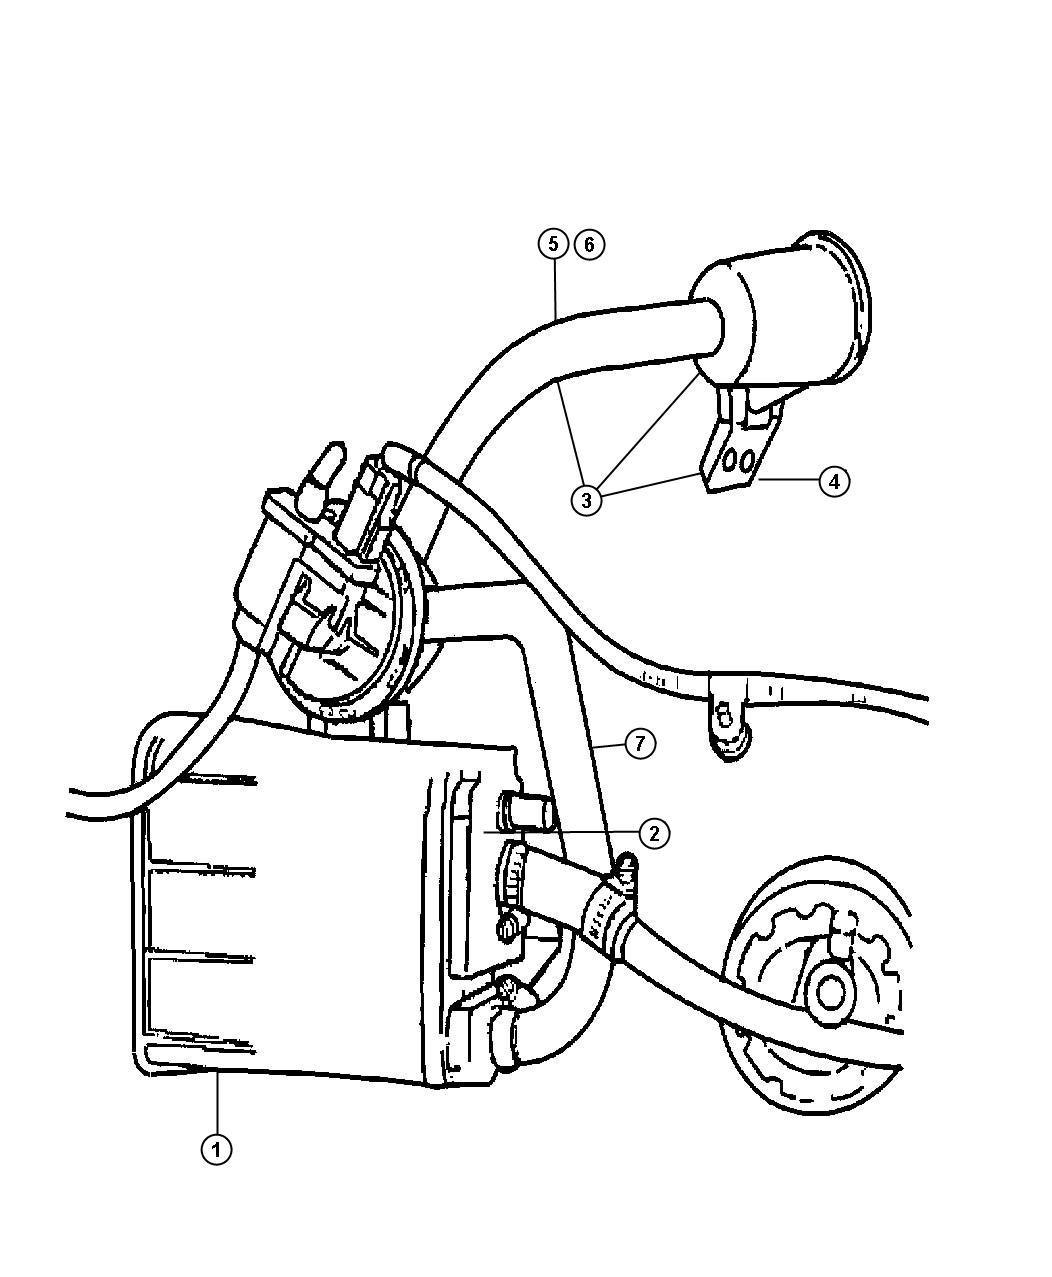 Chrysler 300 Filter Leak Detection Pump Nam